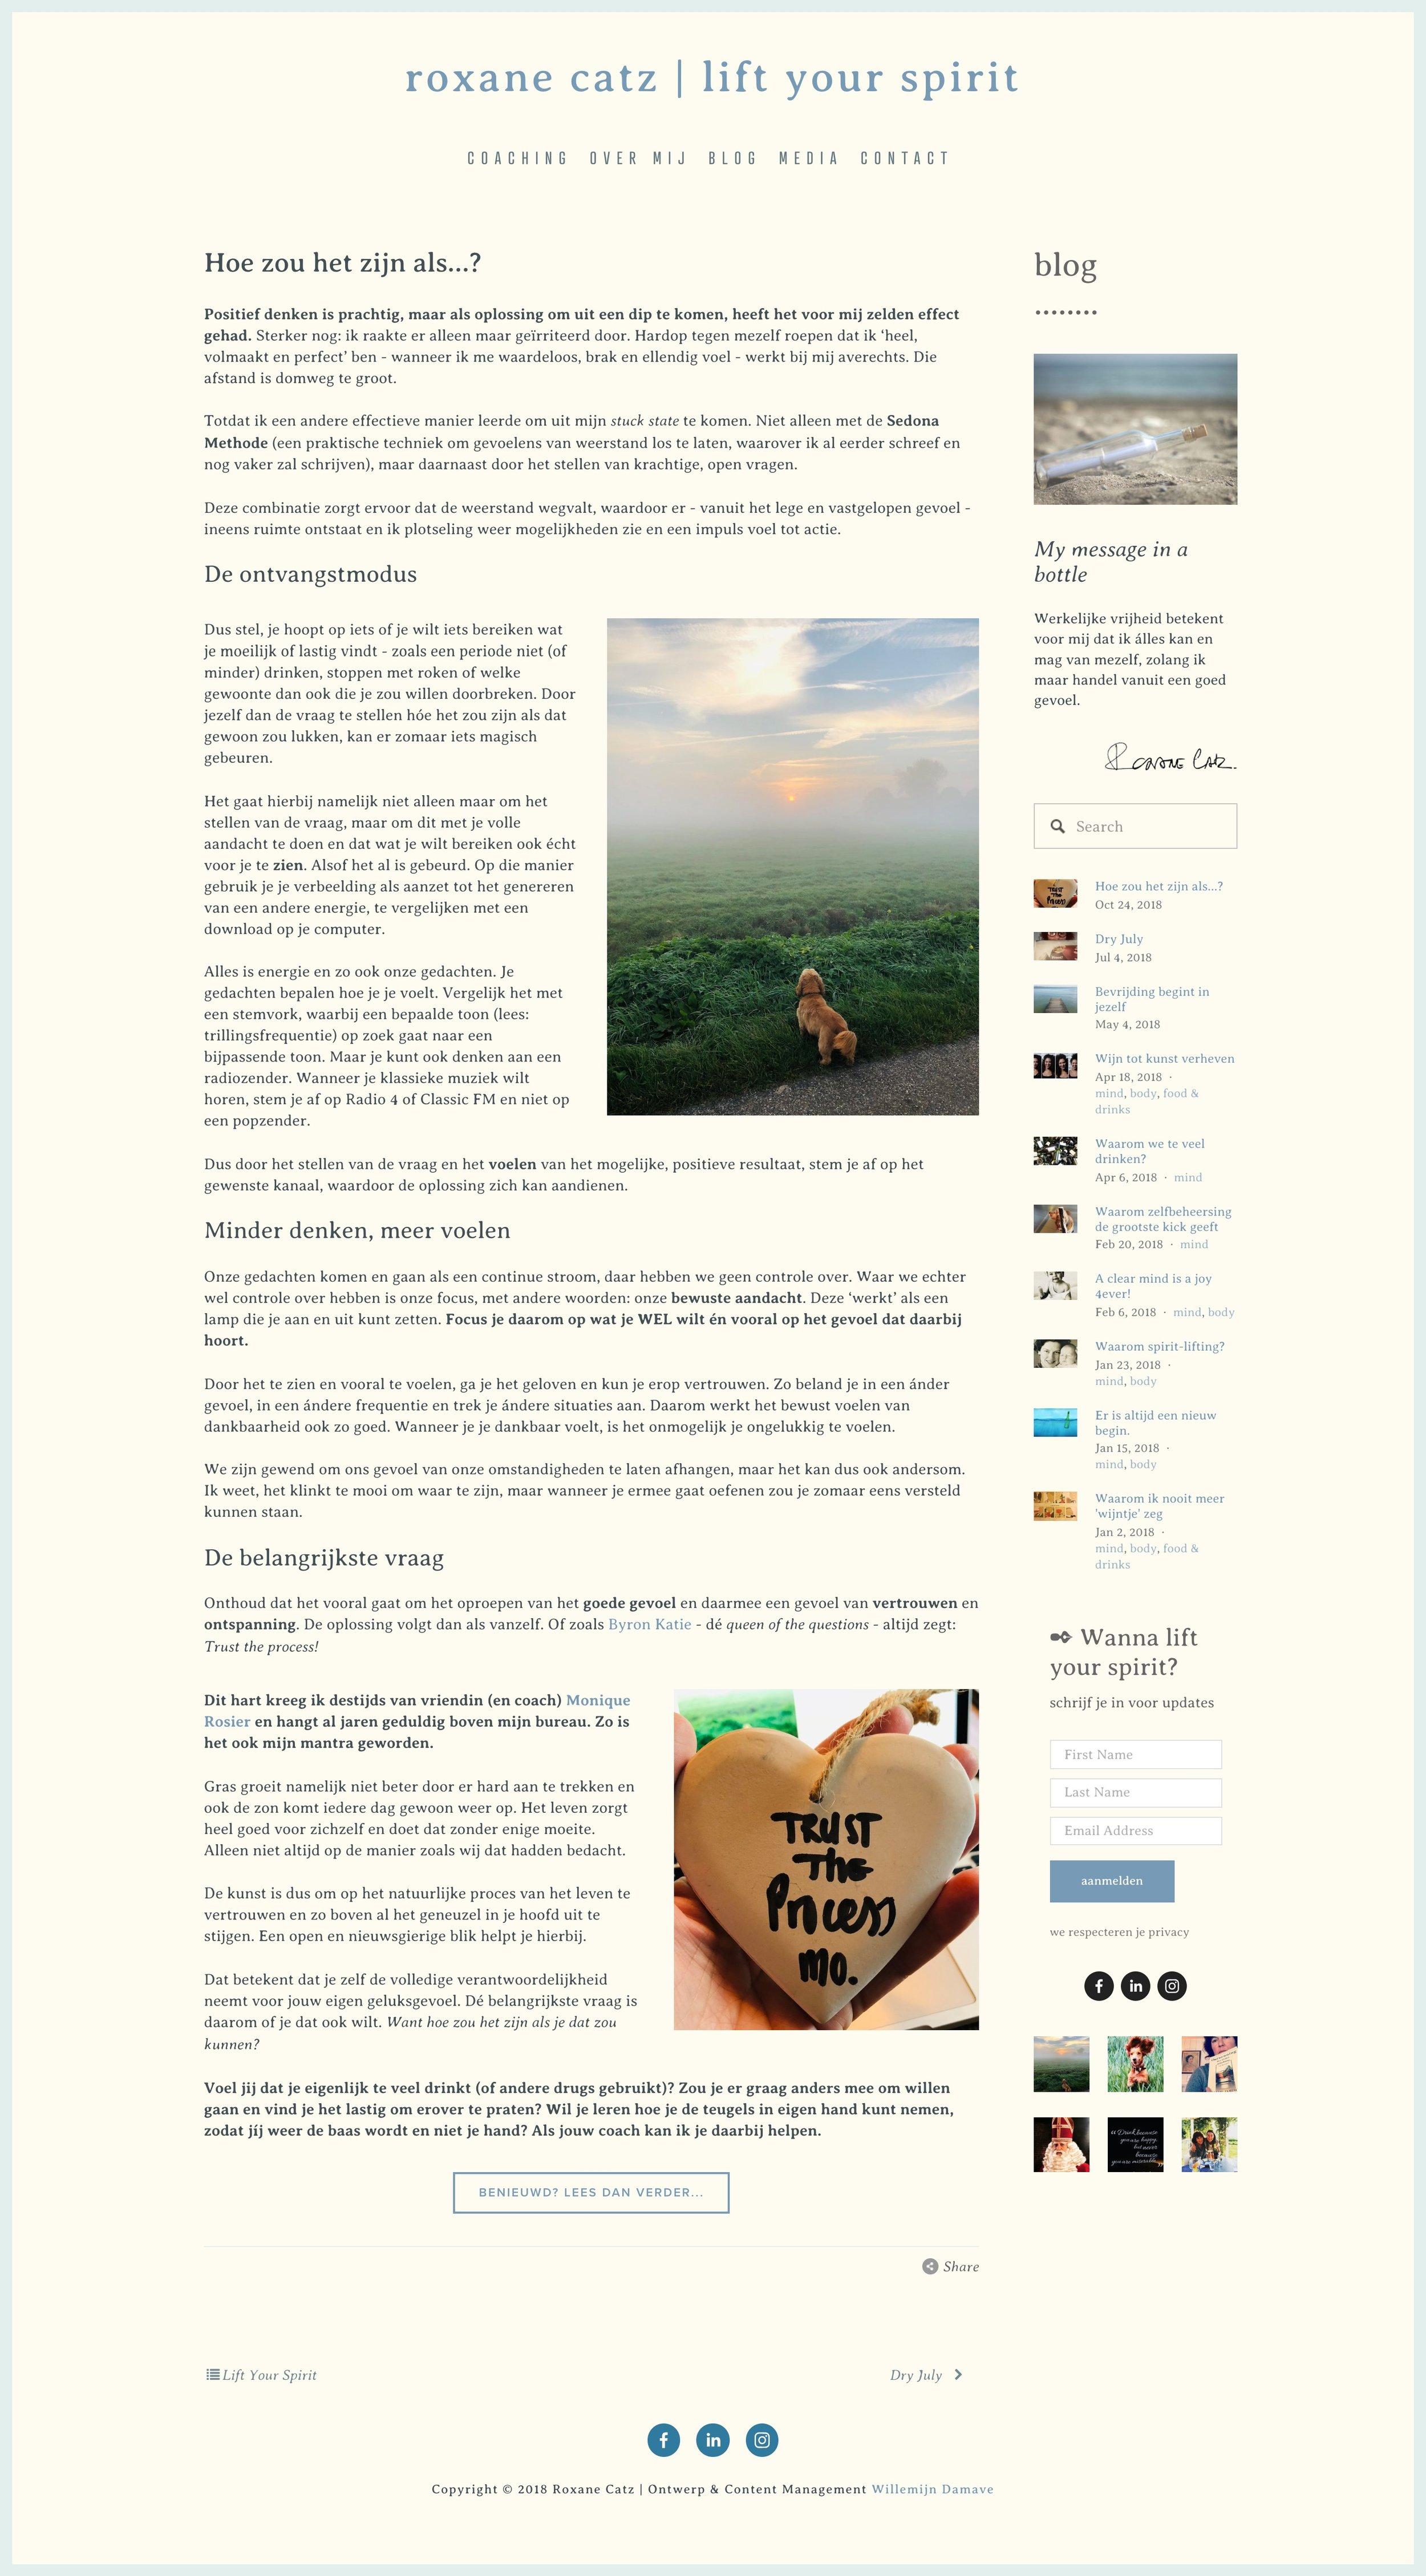 SCREENSHOT 091 - Hoe zou het zijn als…__ - https___www.roxanecatz.nl_blog-lift-y.jpg